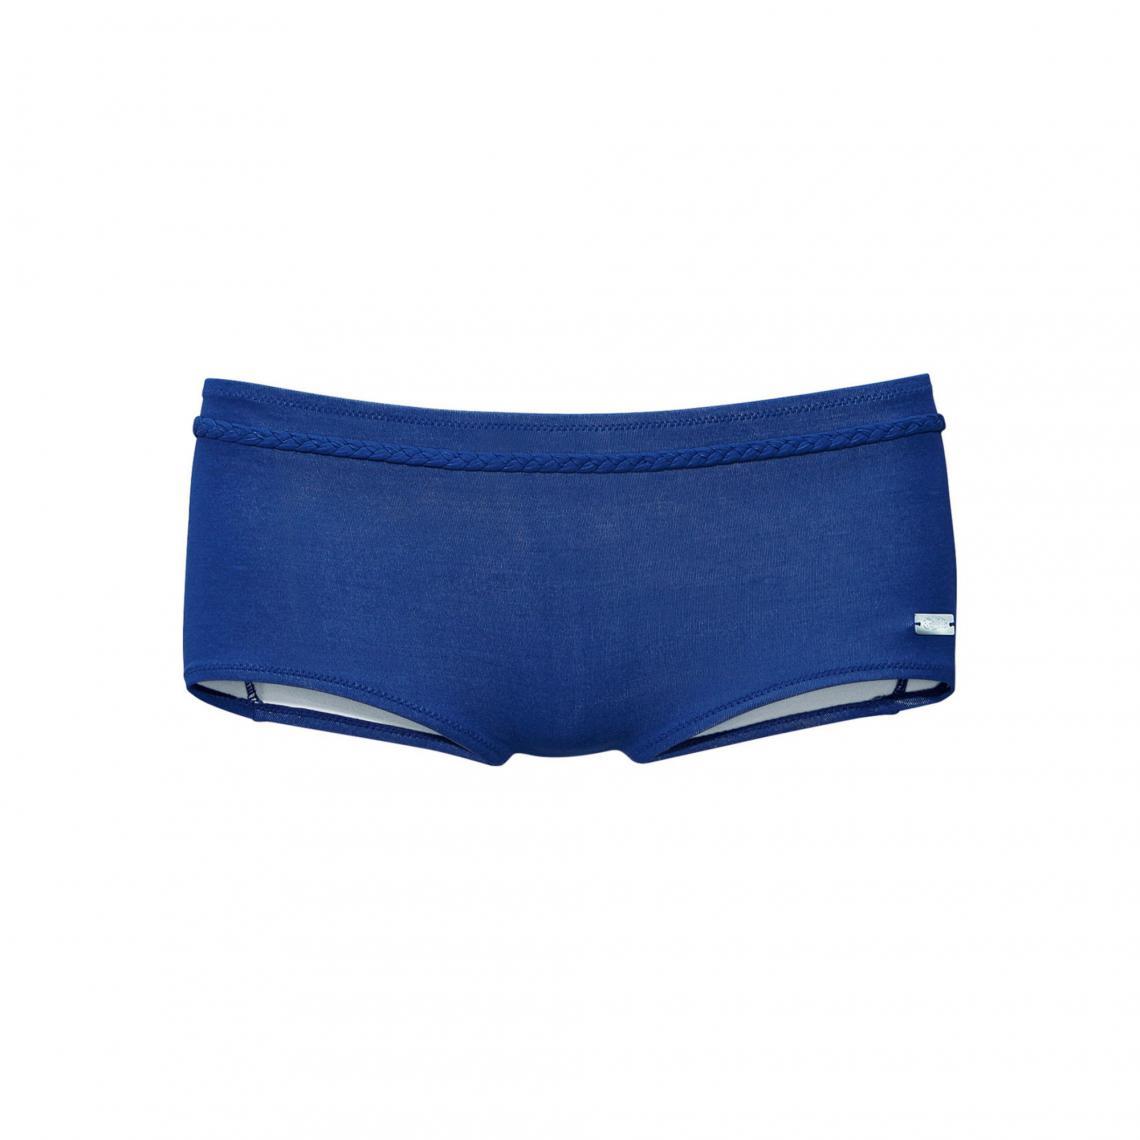 Vêtements Pour Eté Buffalo Femme Combinaison Short 5R34jAL